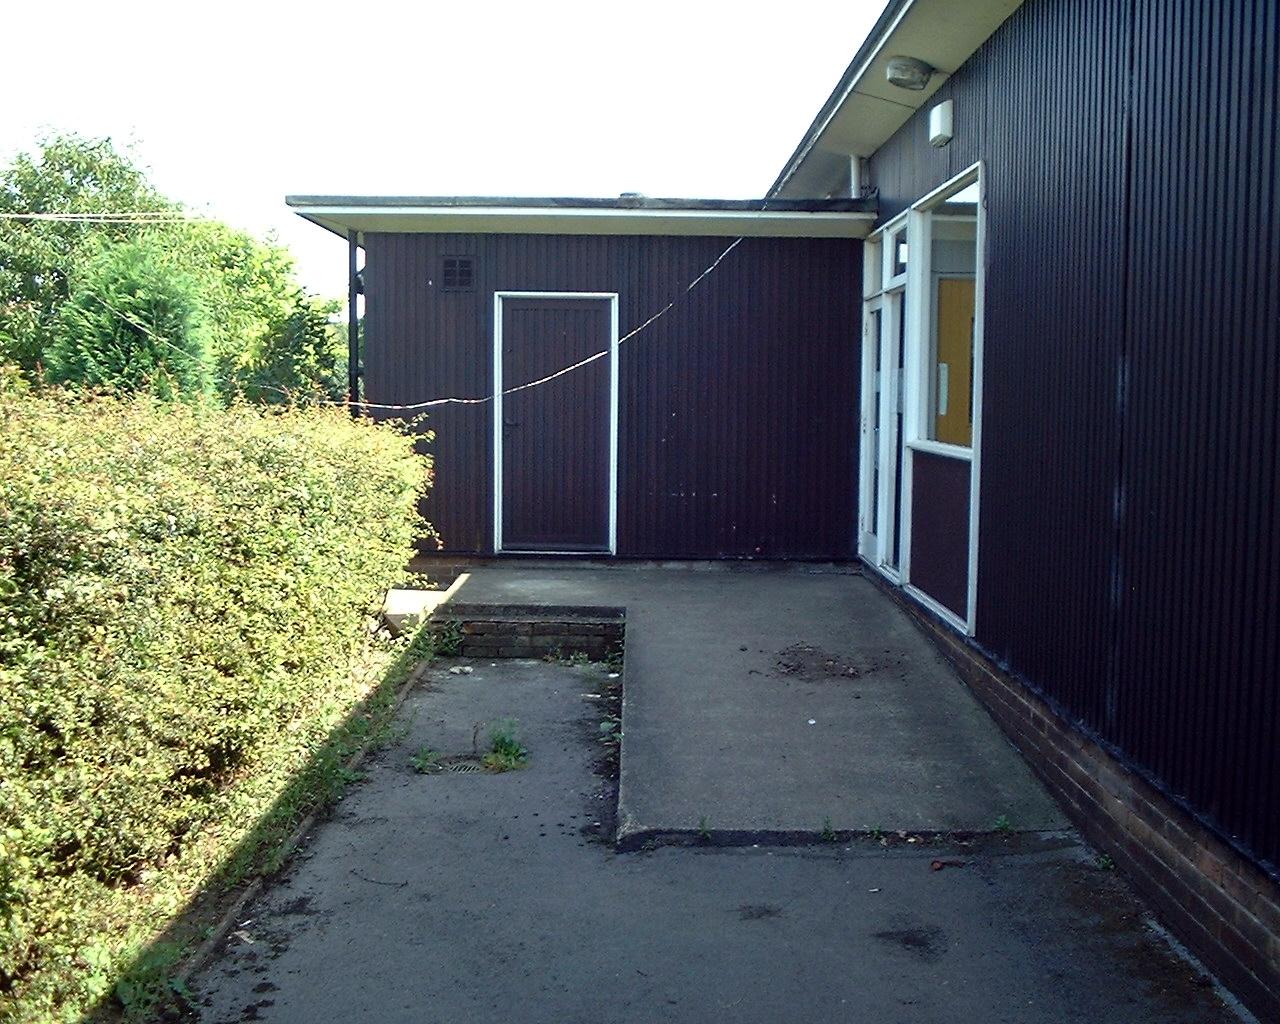 Hemsworth School Jul 2003 09